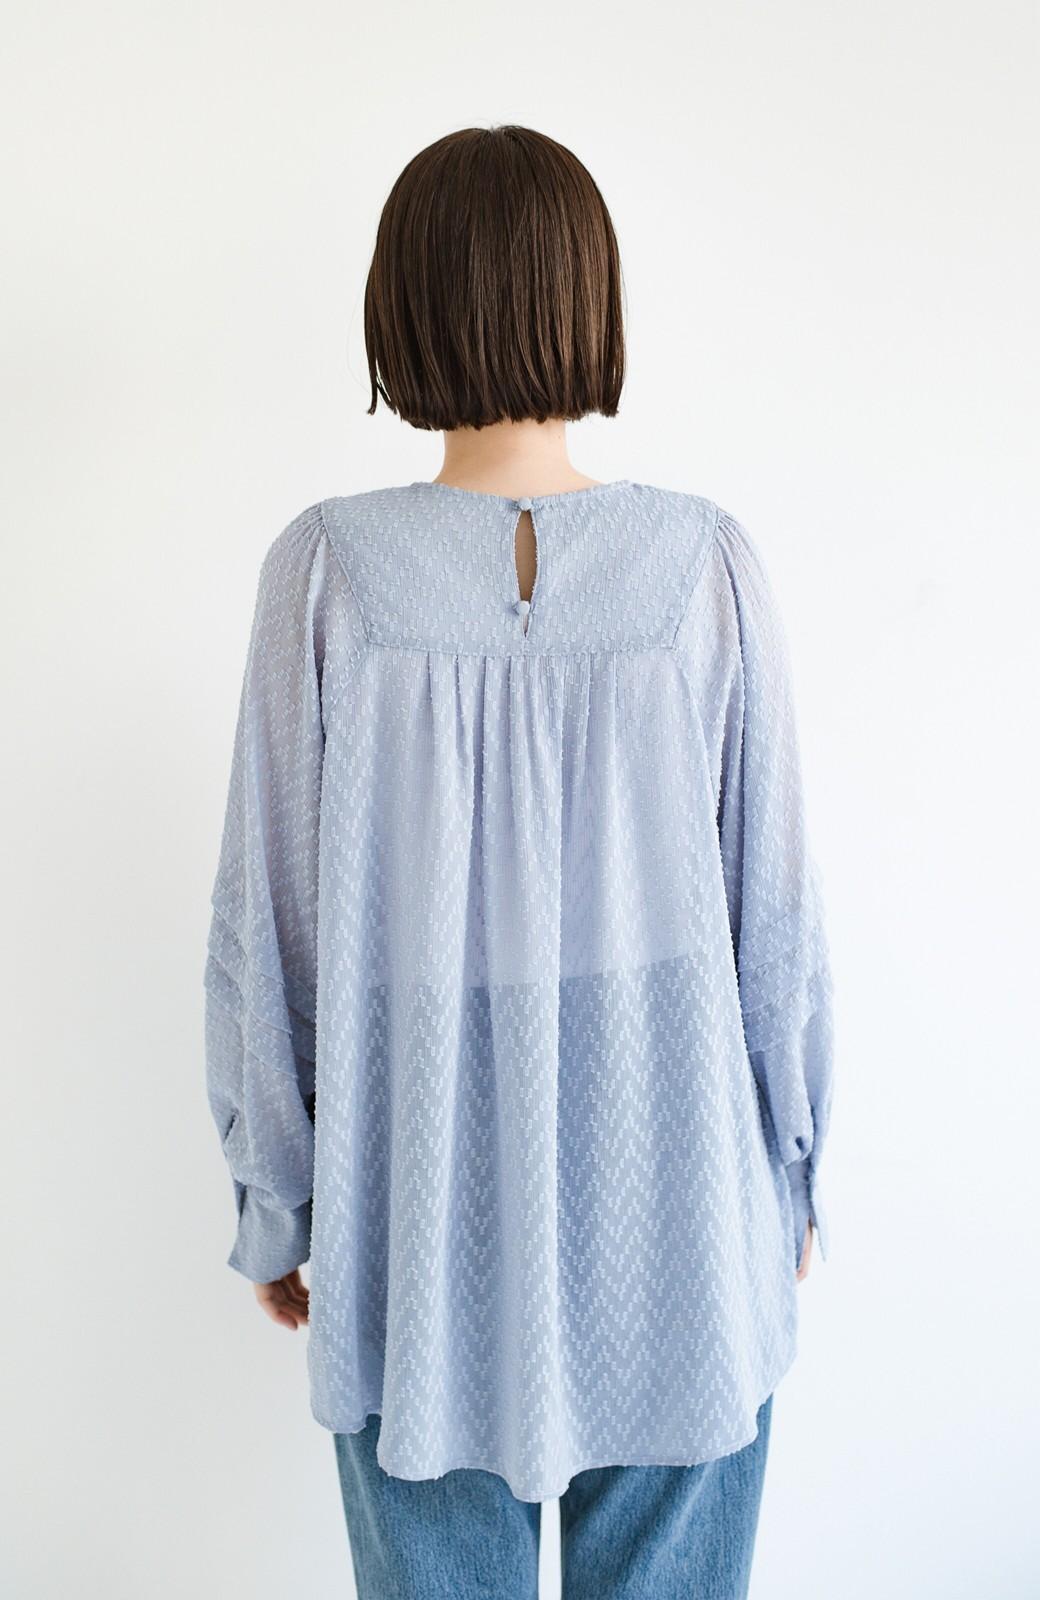 haco! 気になるところは可愛げで隠そう!ほどよい透け感で普段に着やすいドビードットの女っぽブラウス <ライトブルー>の商品写真19